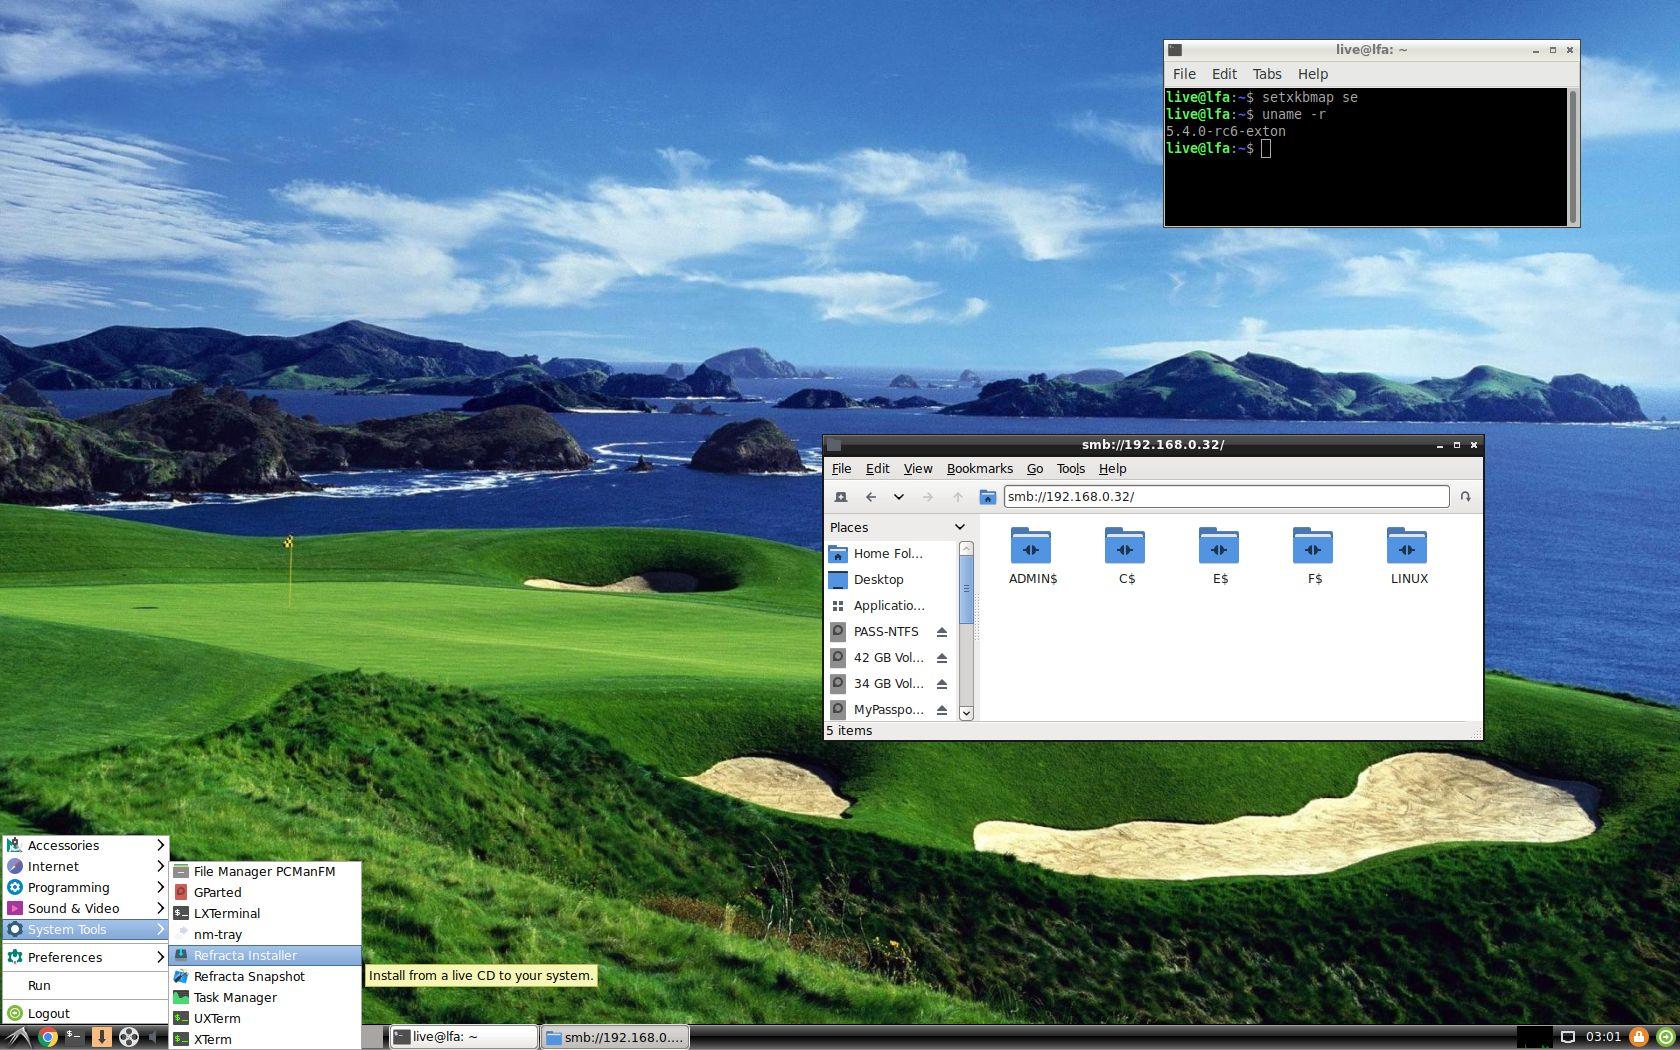 Download teamviewer mac 10.7.5